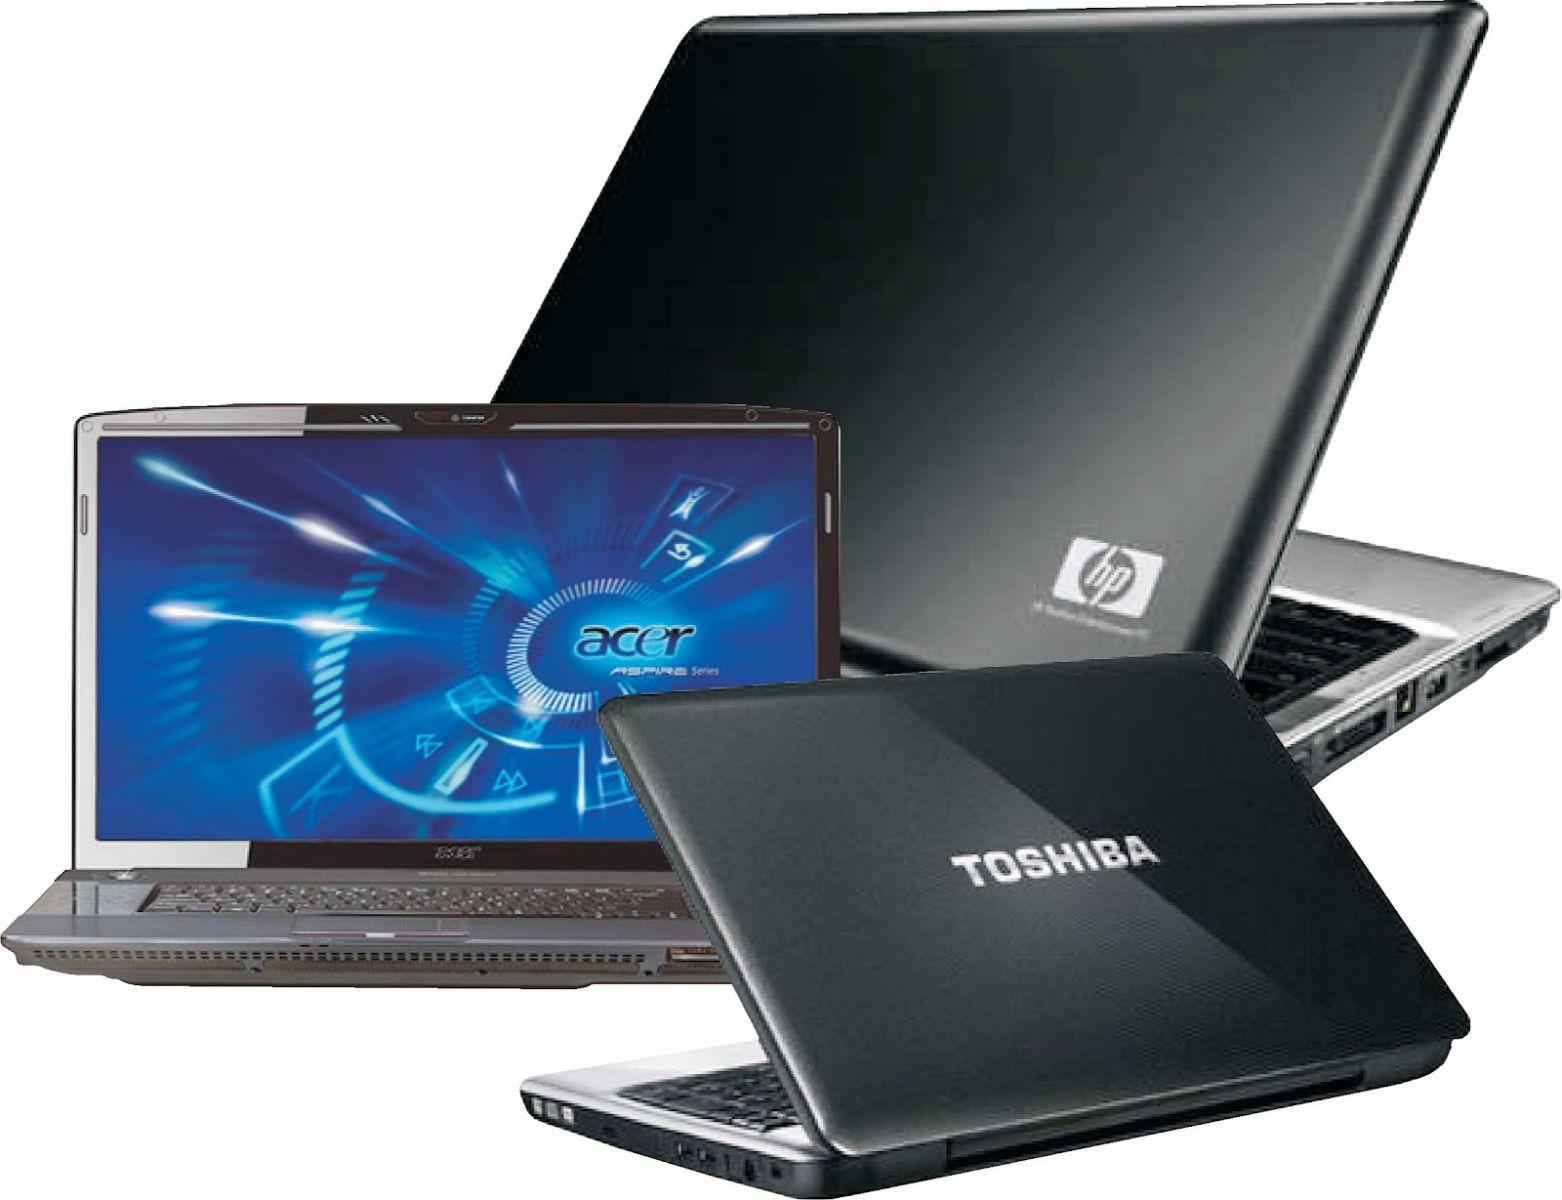 Sửa laptop tại Quận 5 Tp. HCM